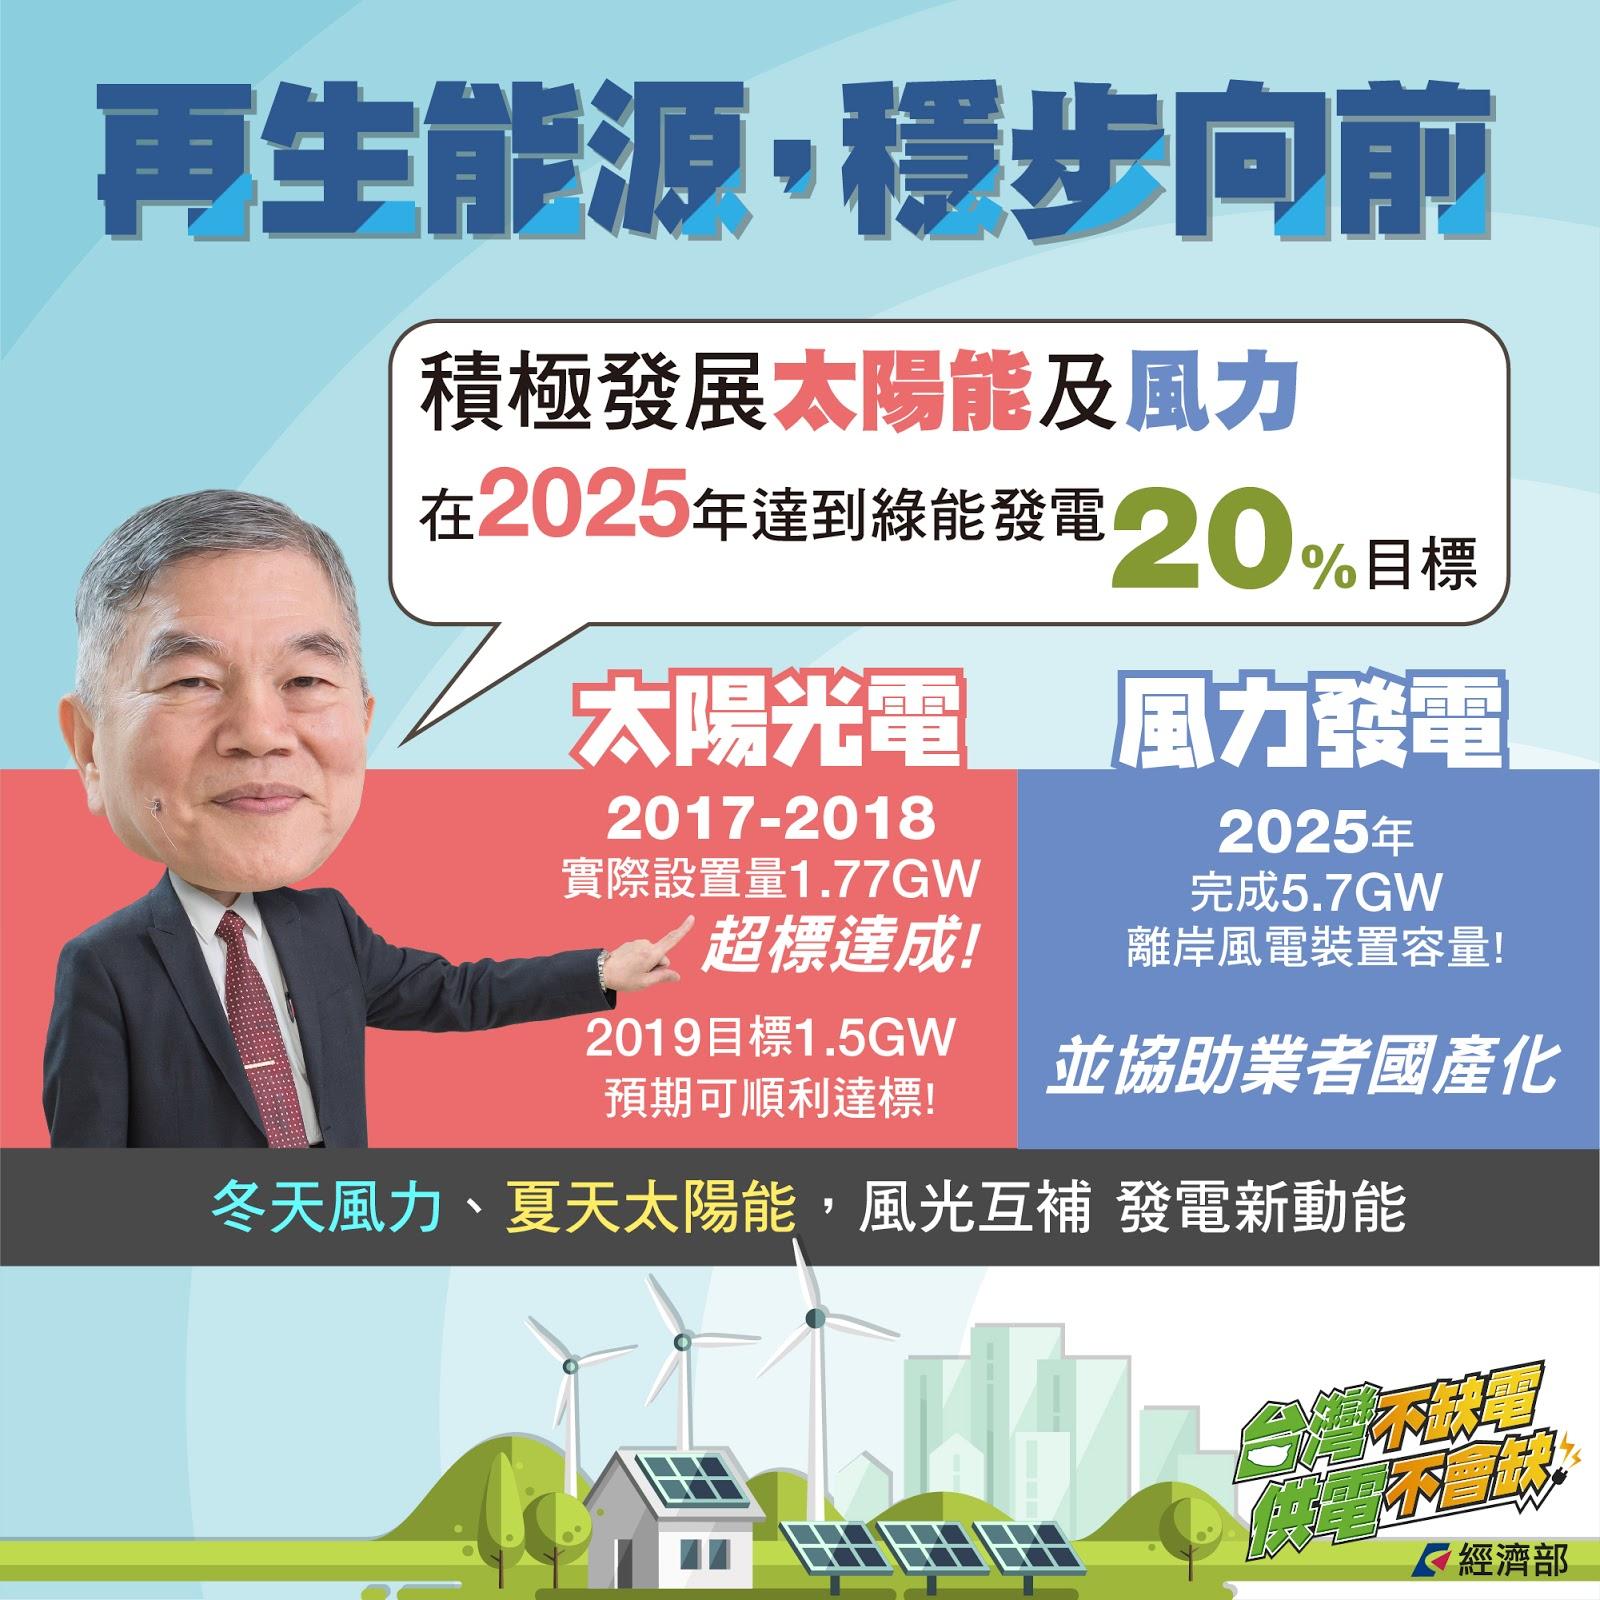 台灣不缺電4